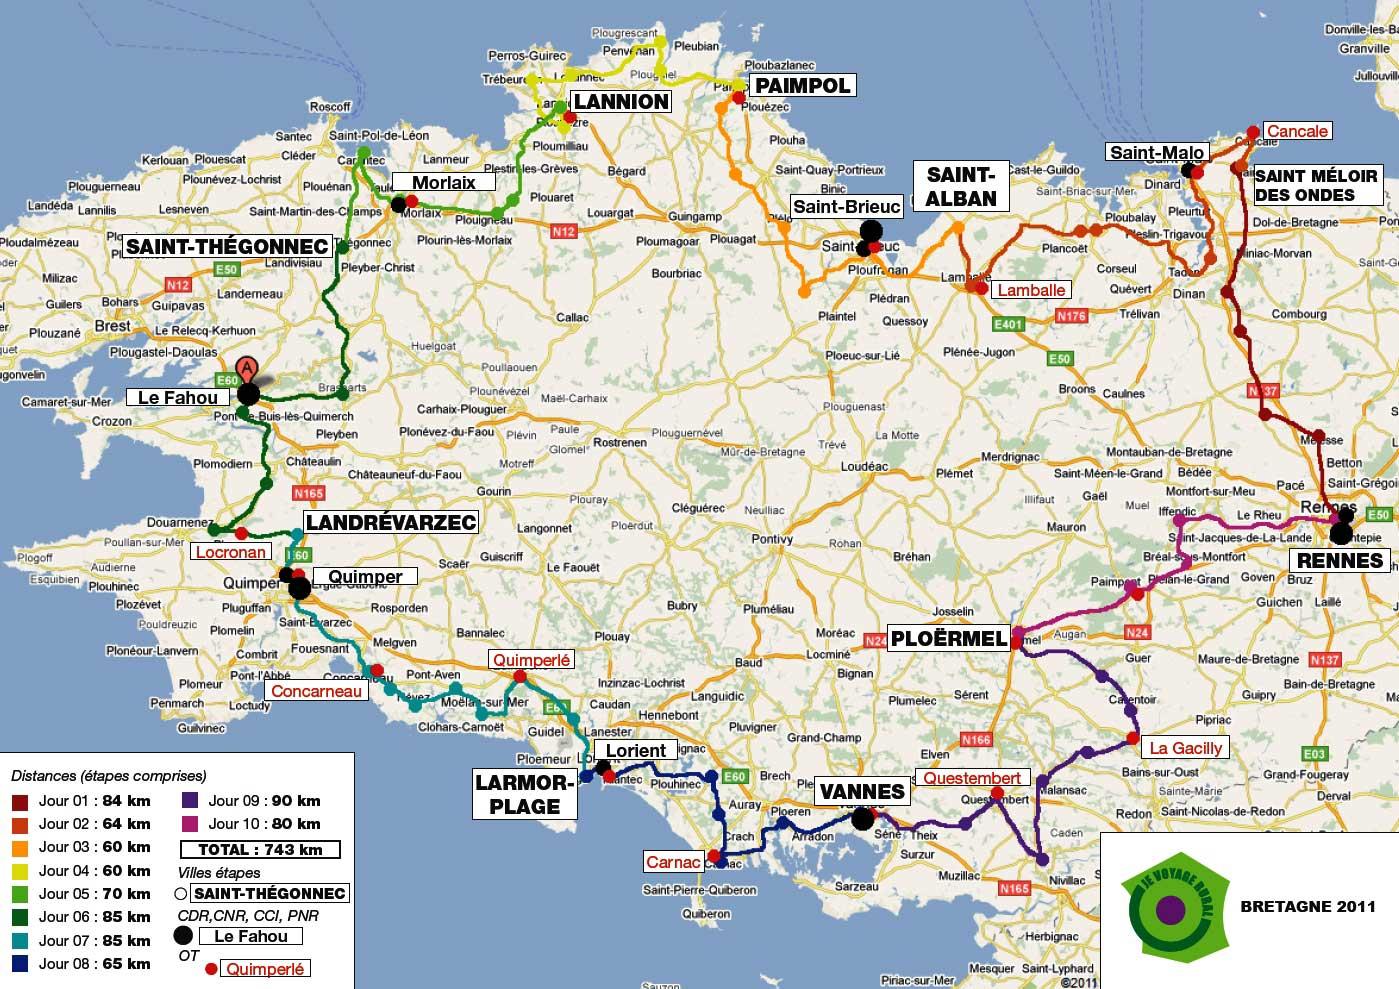 Bretagne tourisme vacances arts guides voyages - Office du tourisme perros guirec bretagne ...